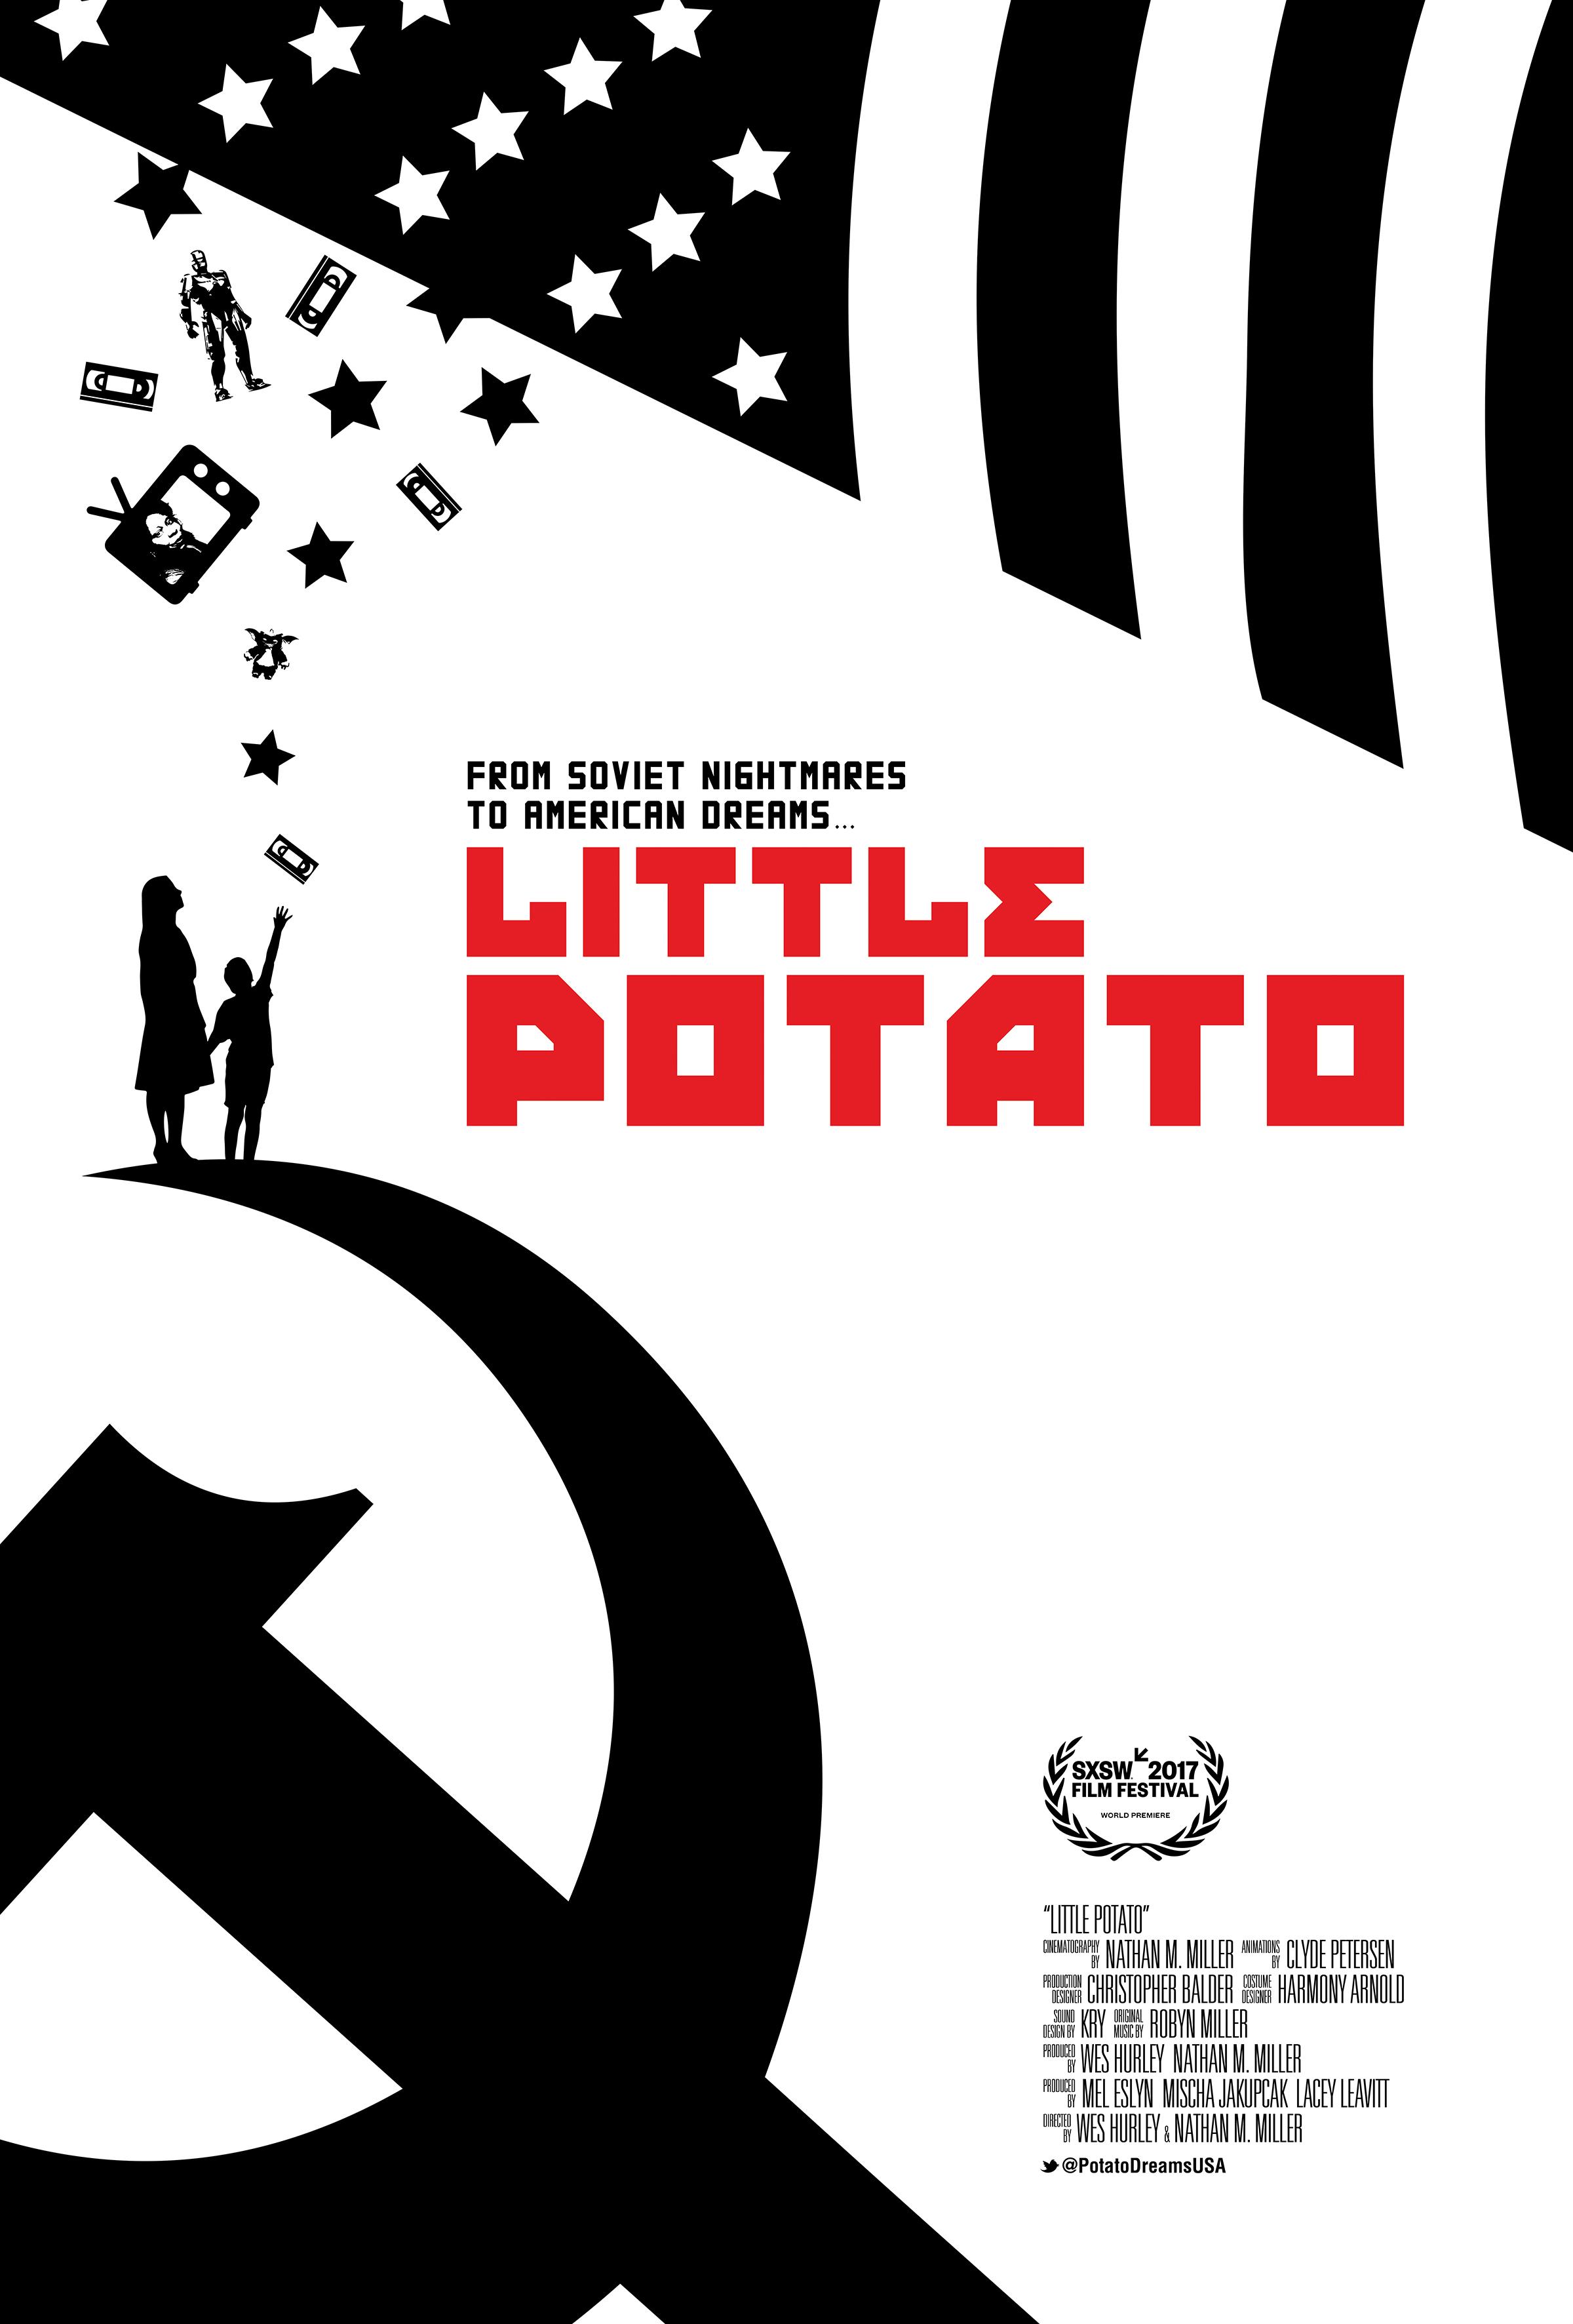 Little Potato